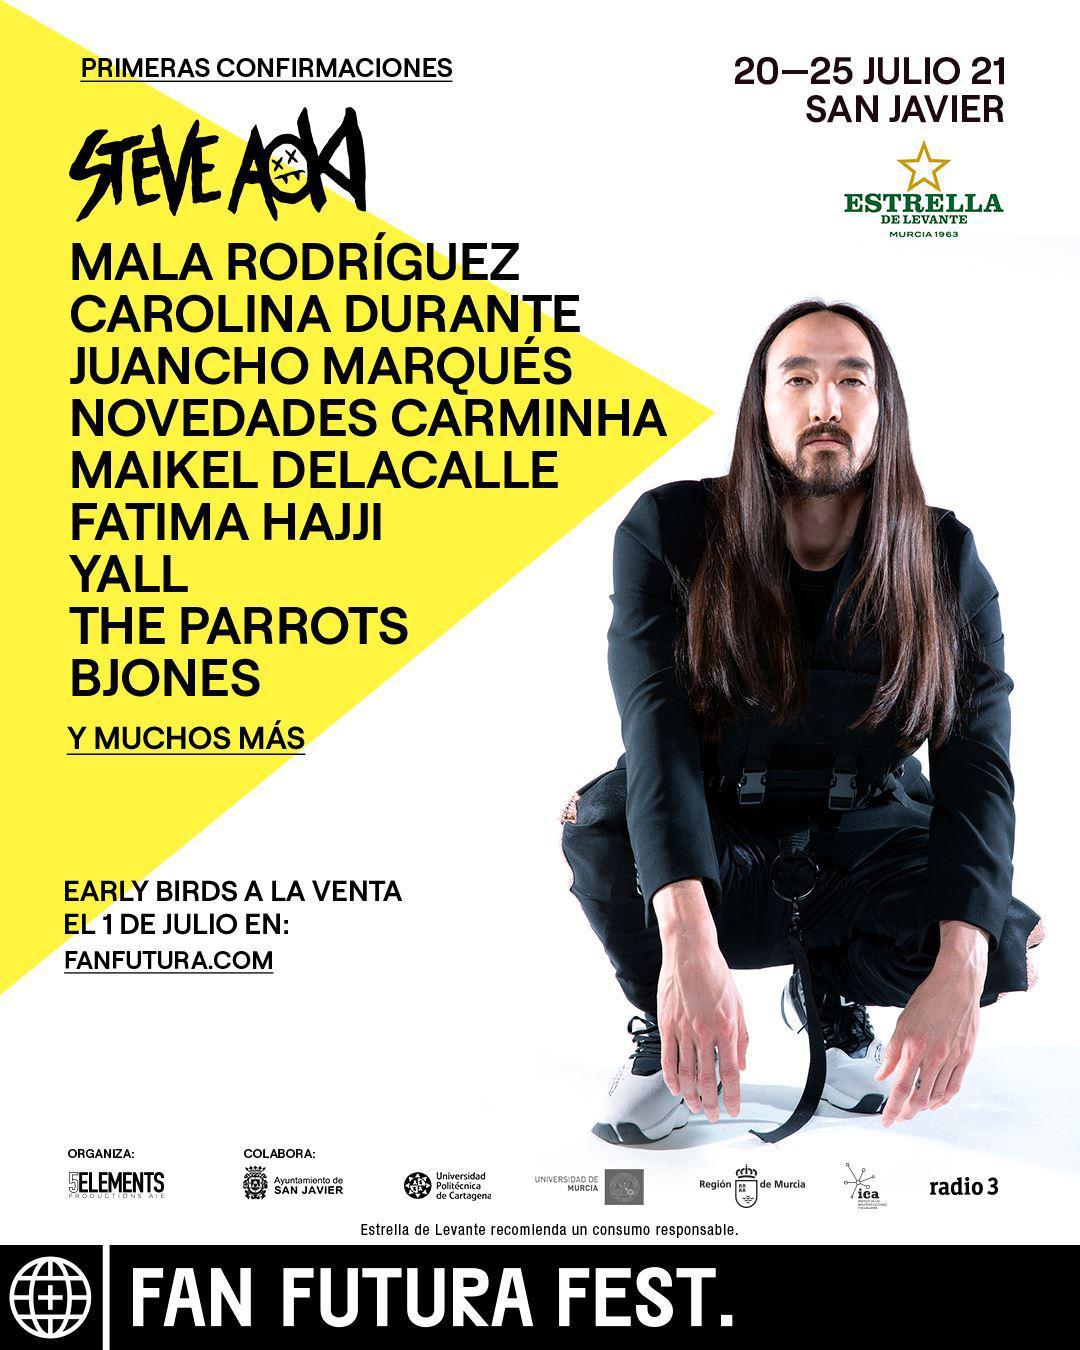 Fan Futura Fest 2021